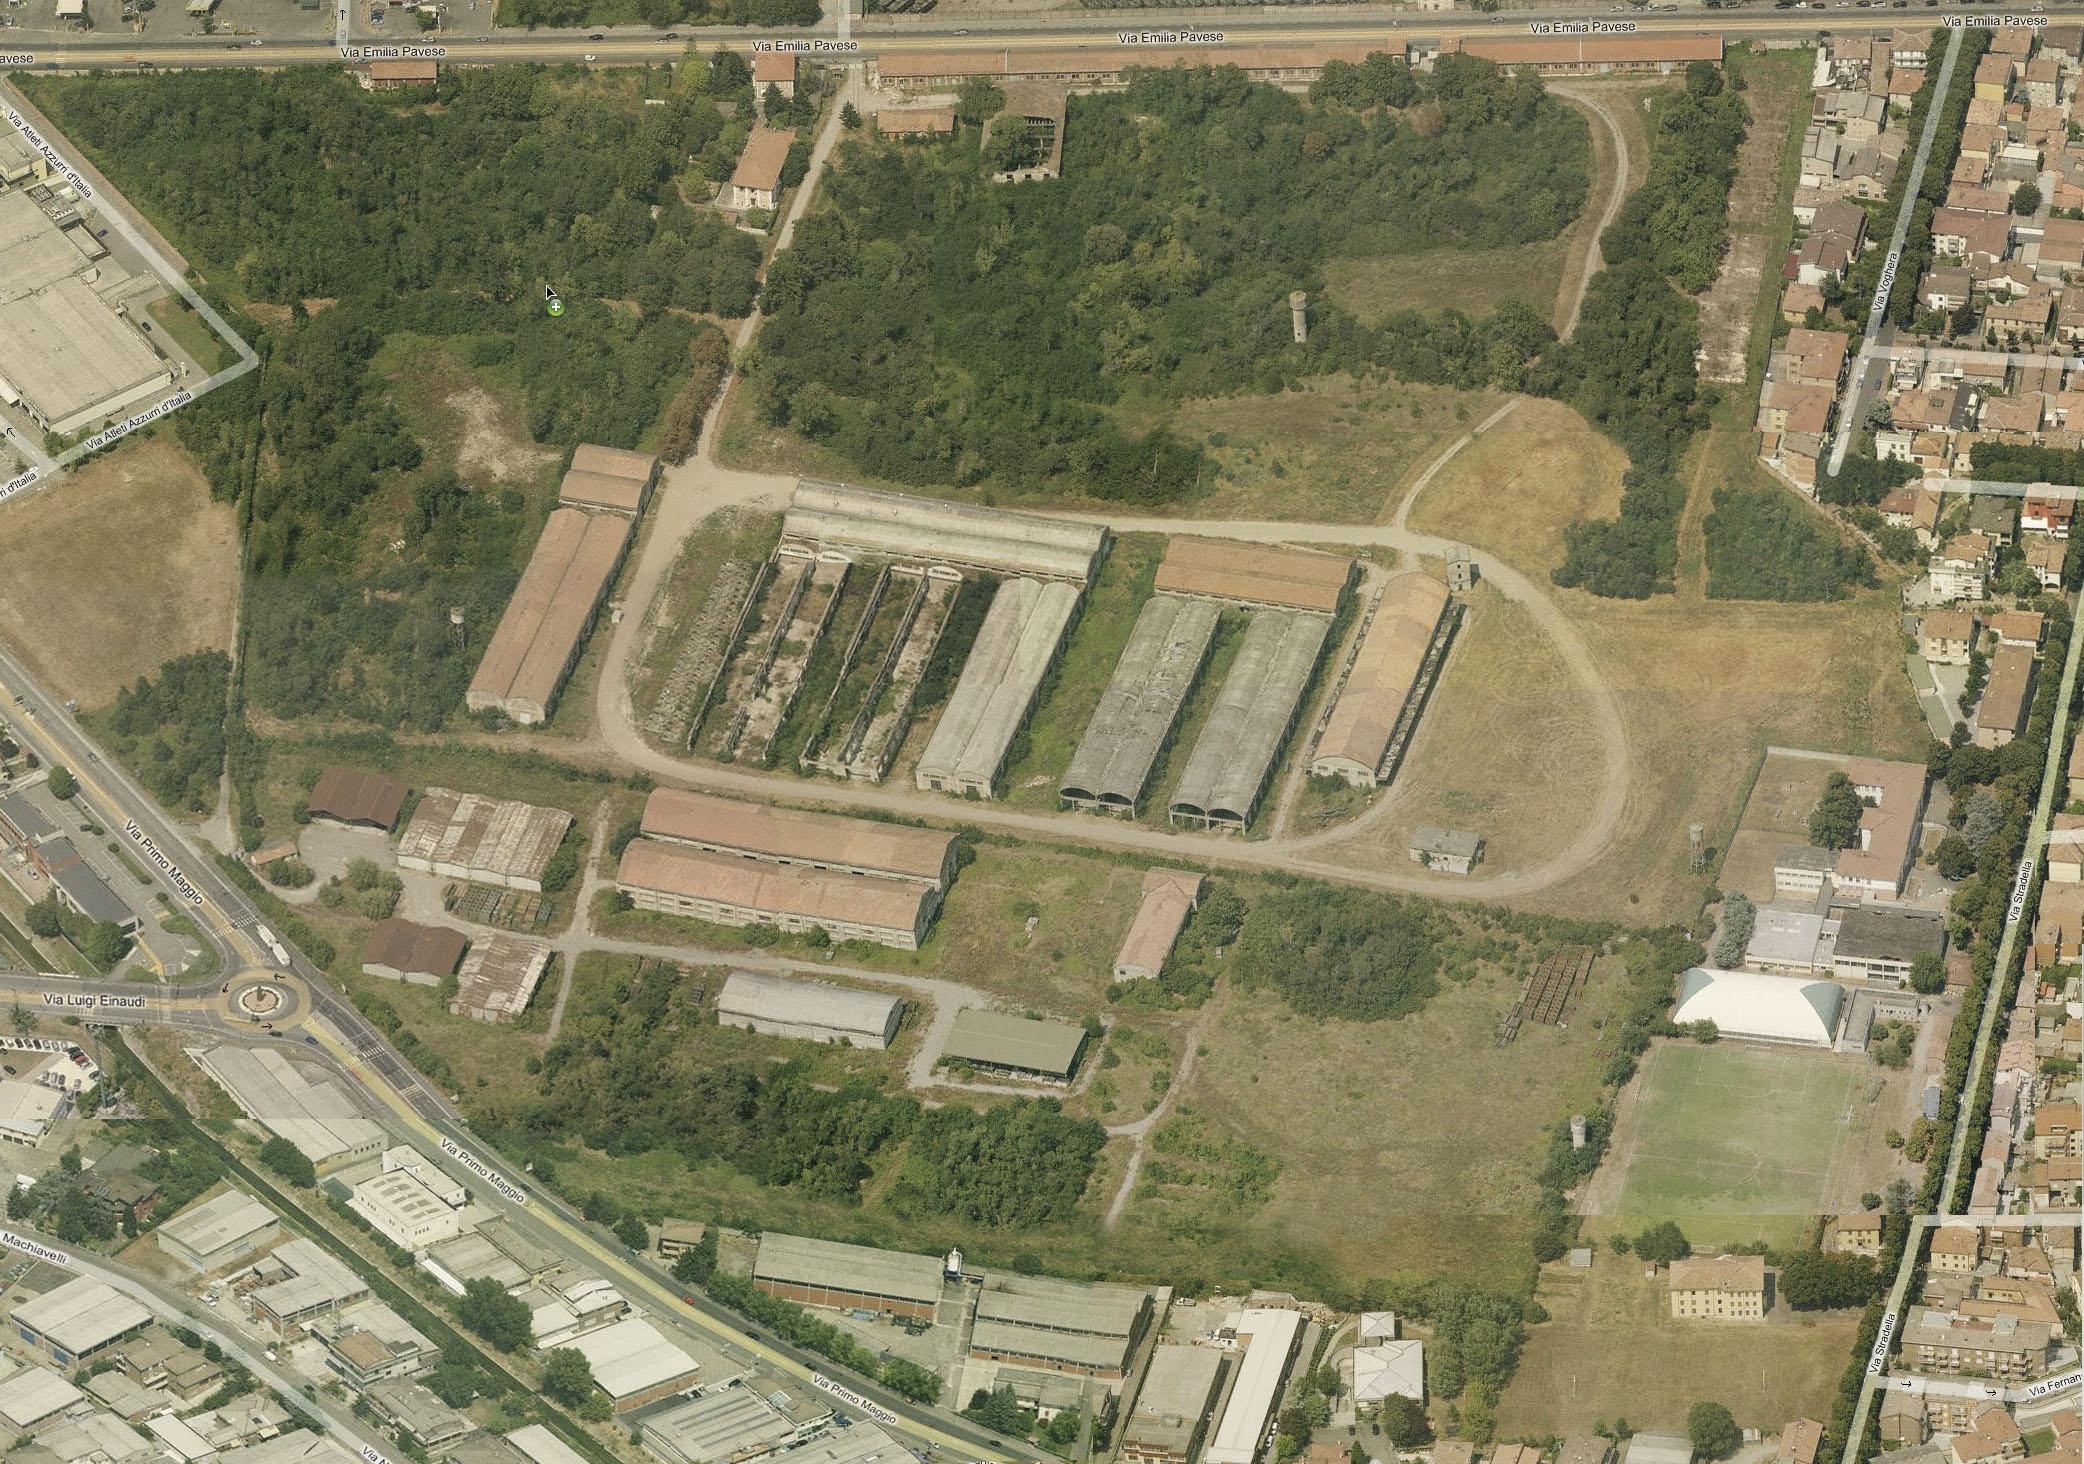 Il big degli architetti Stefano Boeri per trasformare l'ex Pertite in parco